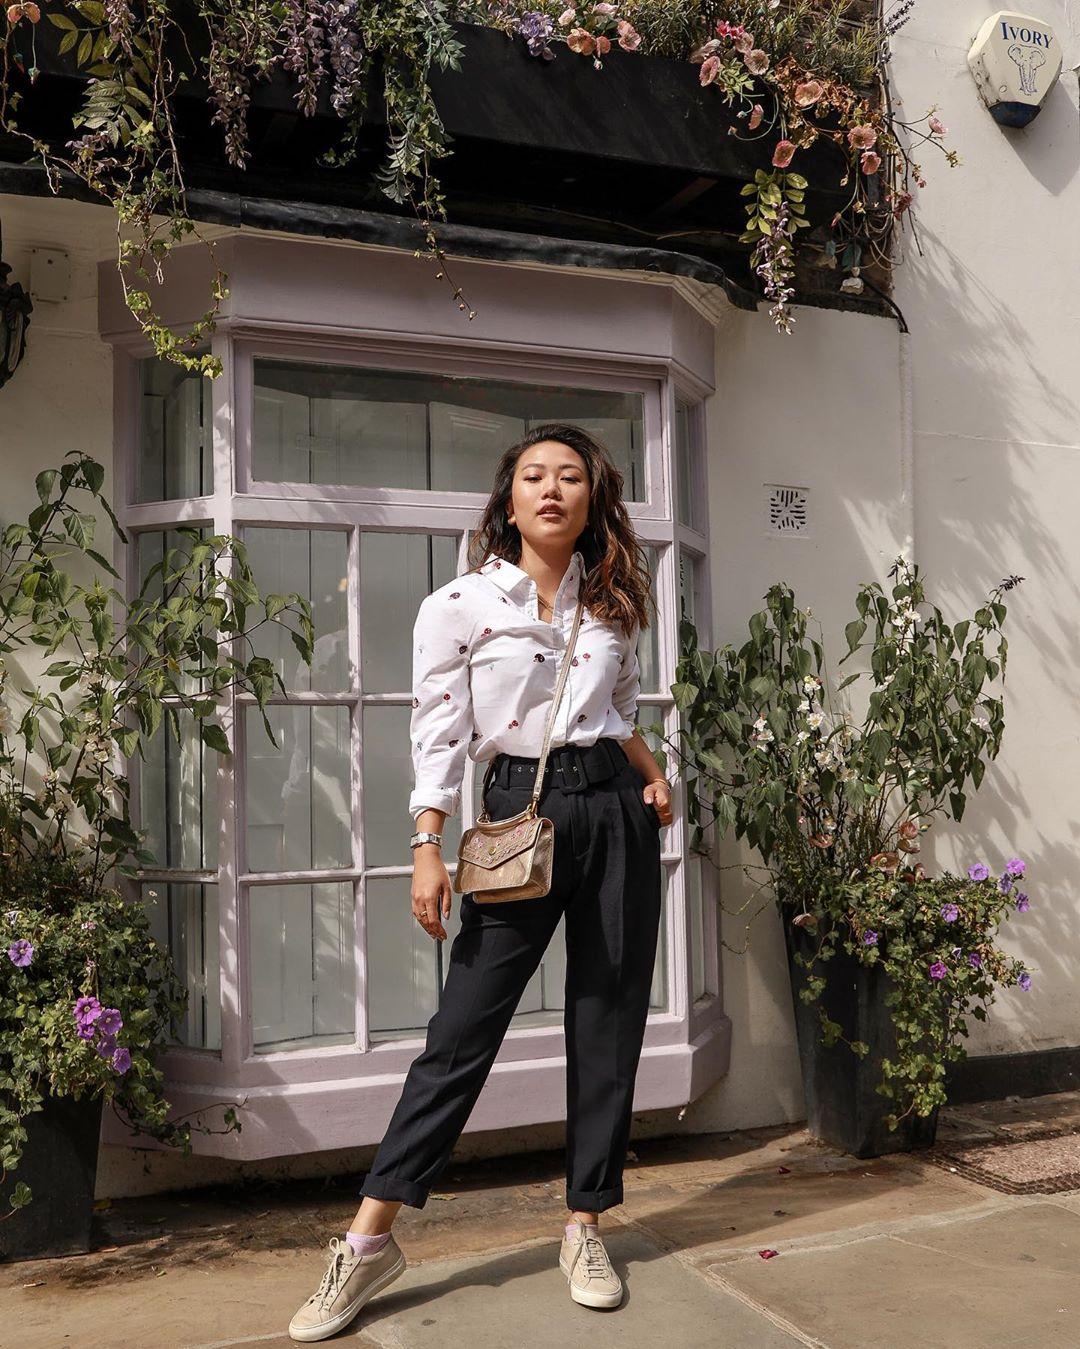 Cách mặc đẹp với áo sơ mi trắng, quần baggy đen và túi đeo chéo